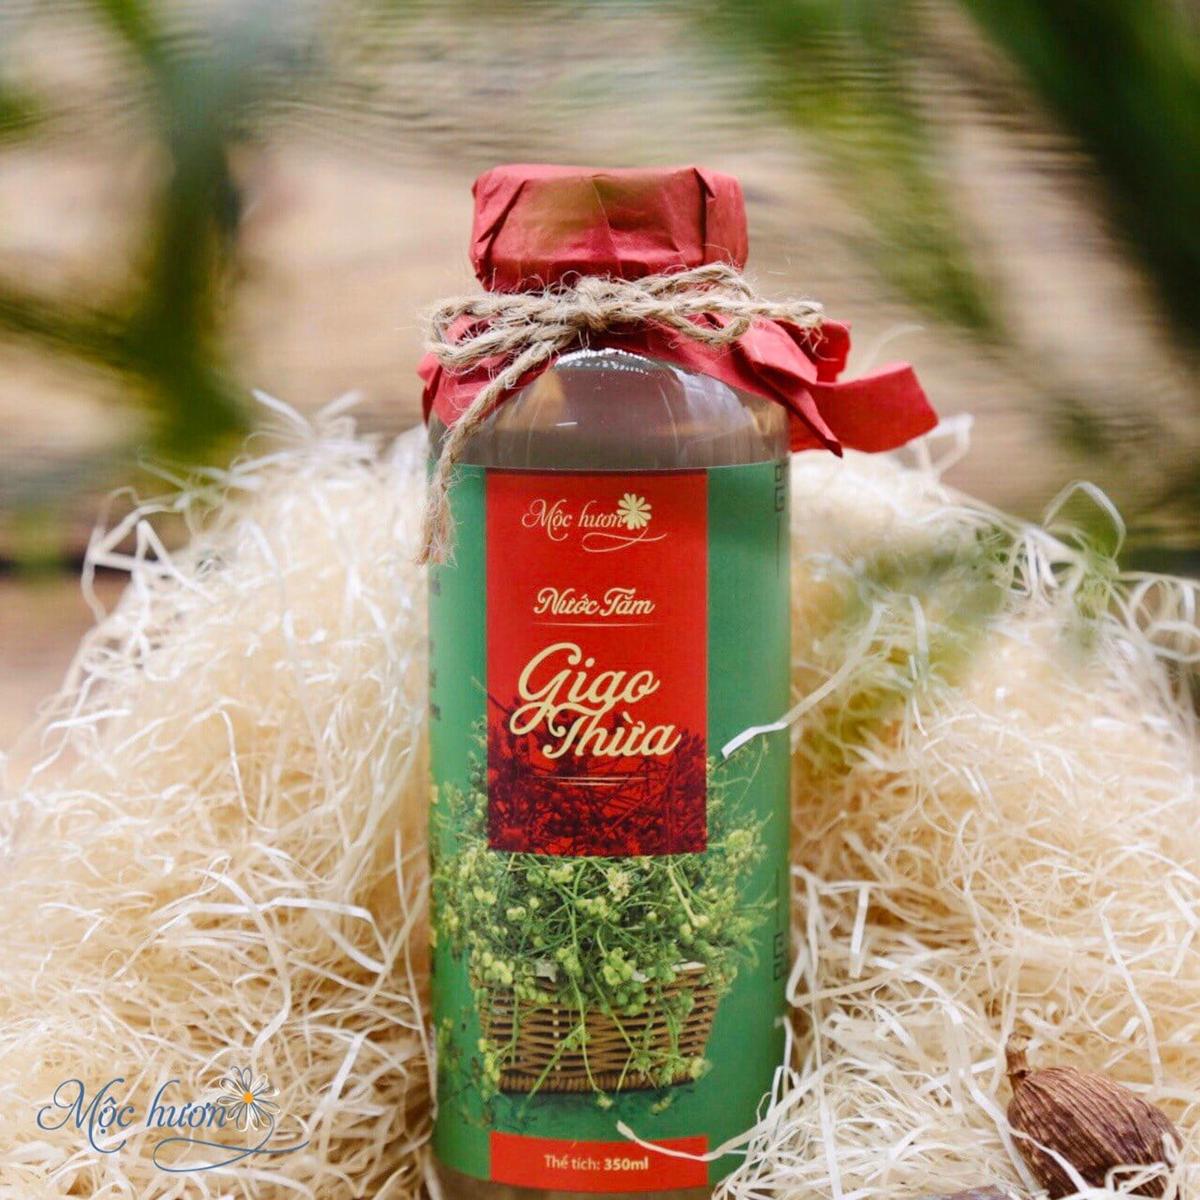 Nước tắm giao thừa Mộc Hương được sản xuất với thành phần chính là cây mùi già và sả chanh